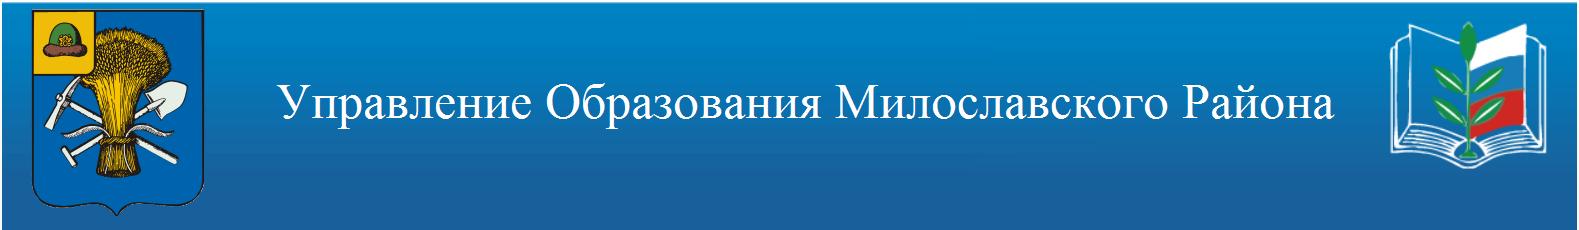 Управление Образования Милославского Района